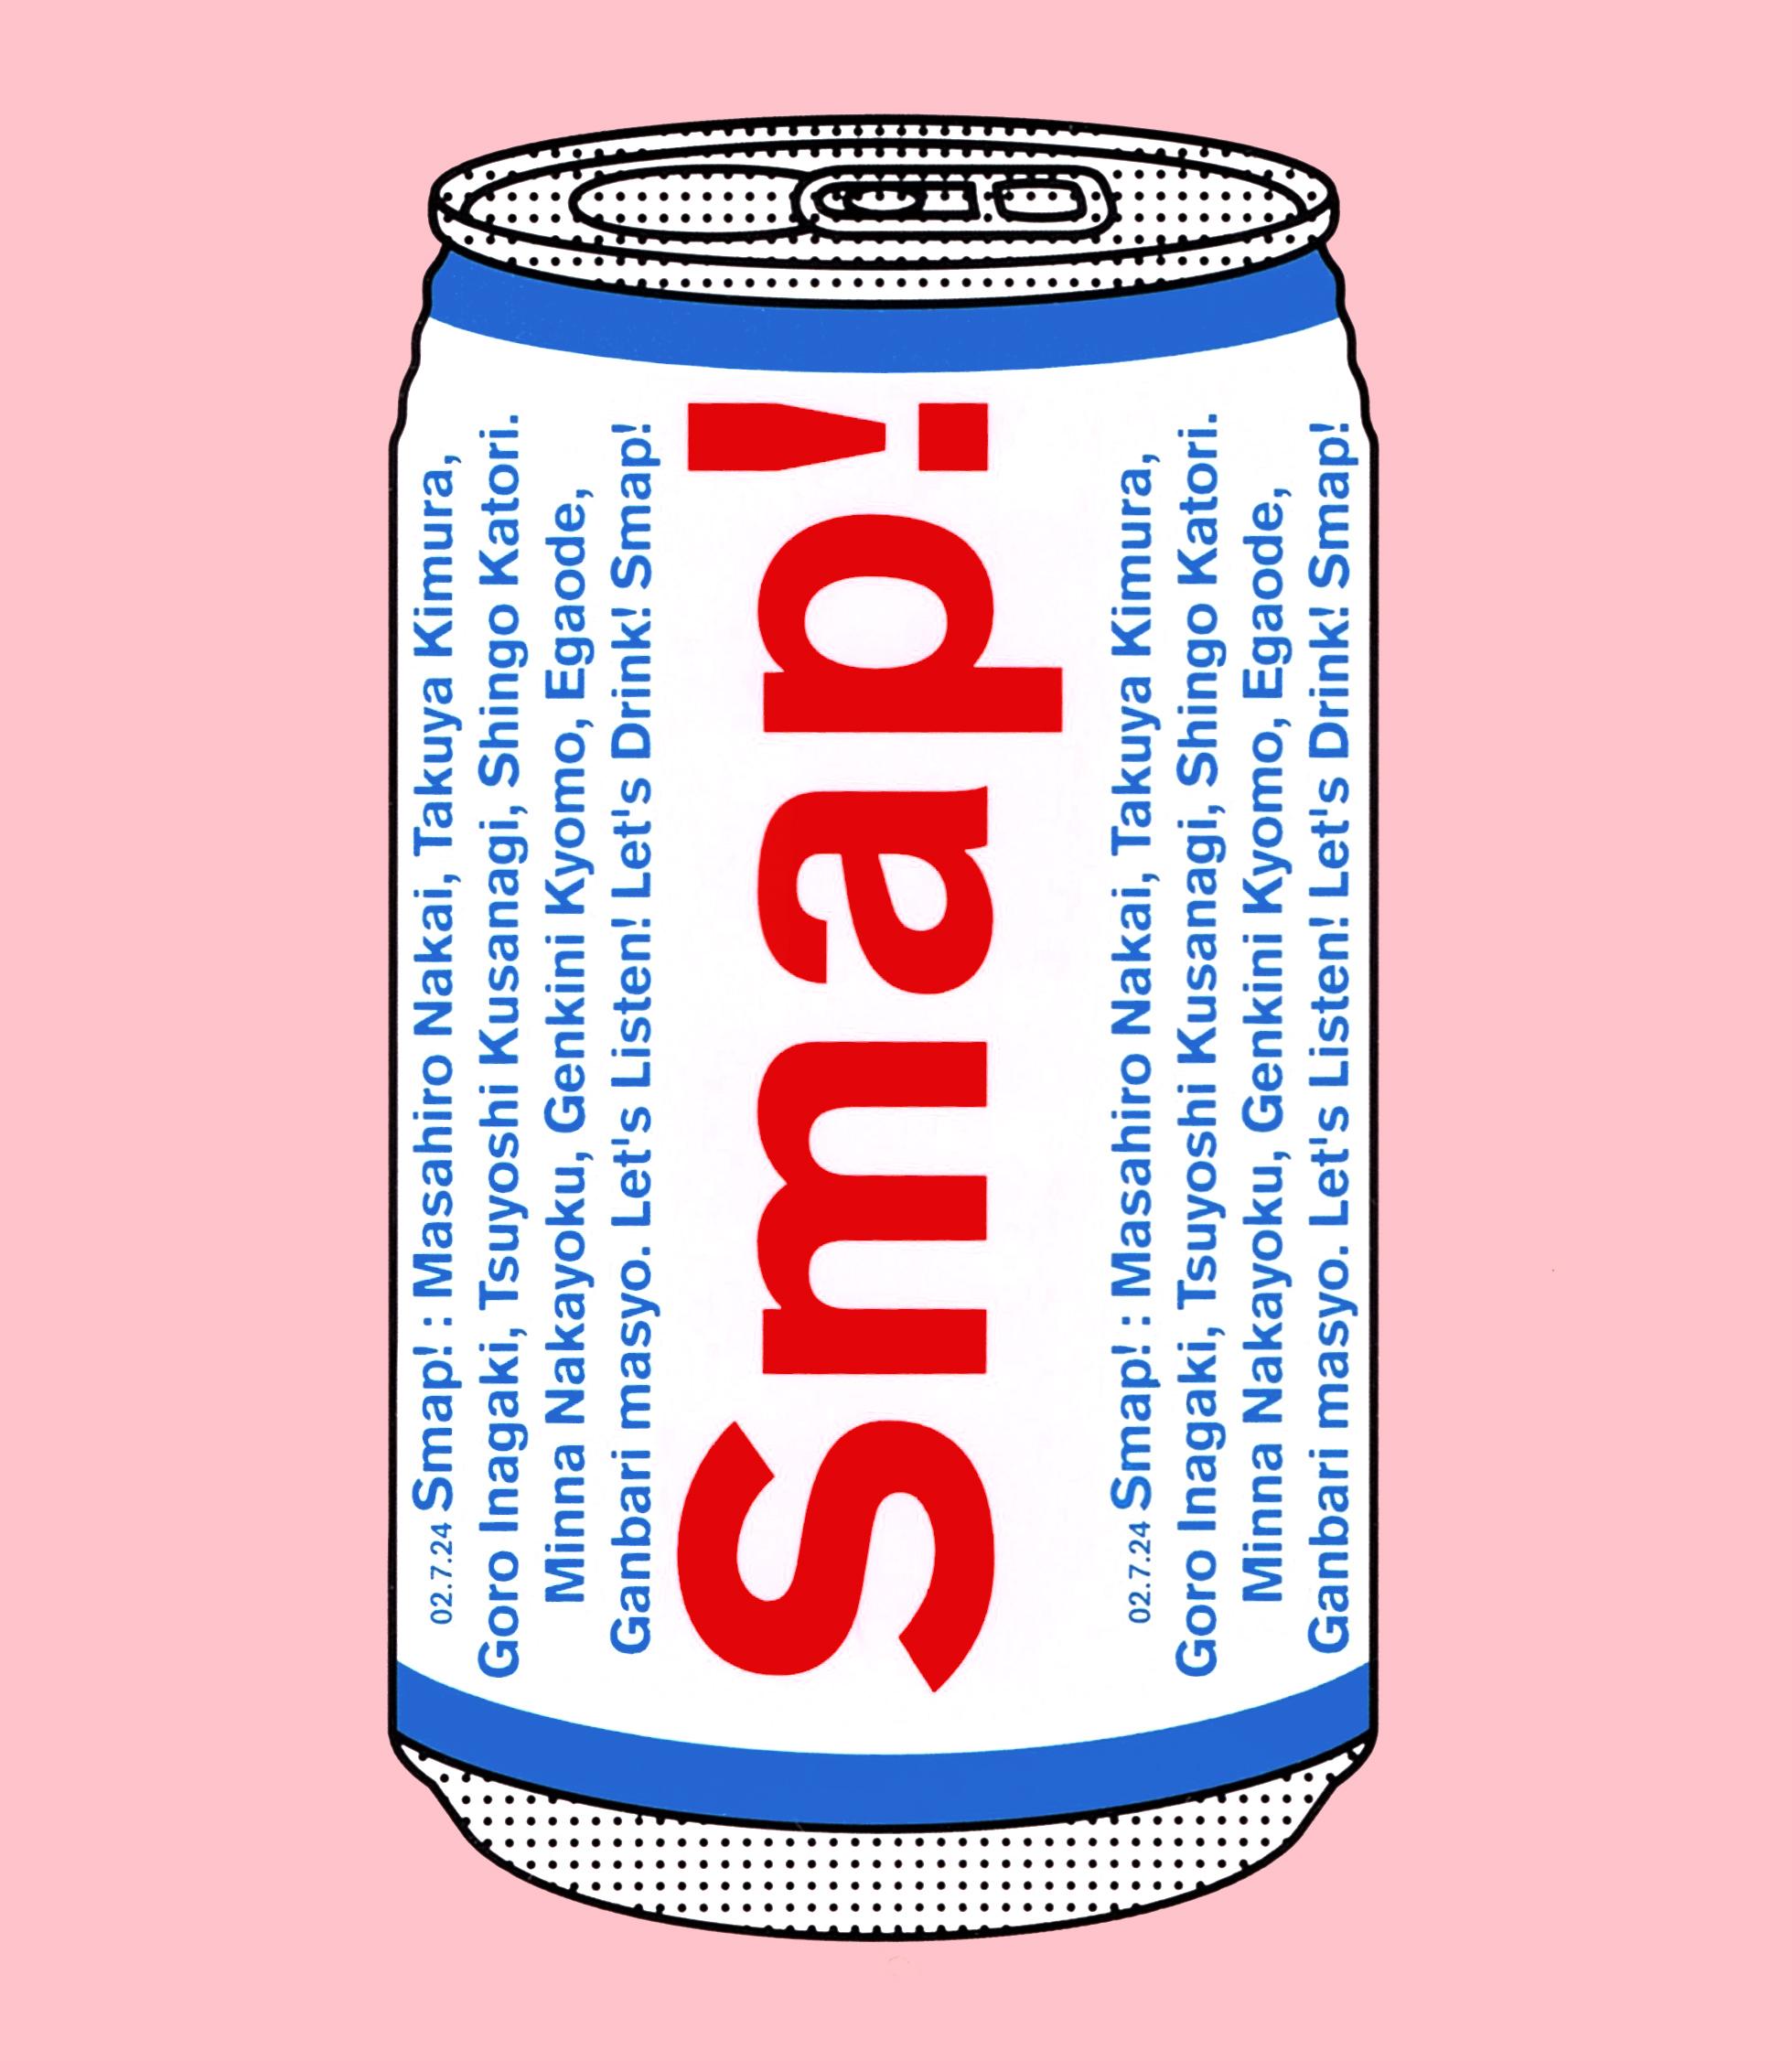 SMAP (スマップ) 14thアルバム『SMAP 015 / Drink! Smap! (~ドリンク!スマップ!)』(2002年7月24日発売) 高画質CDジャケット画像